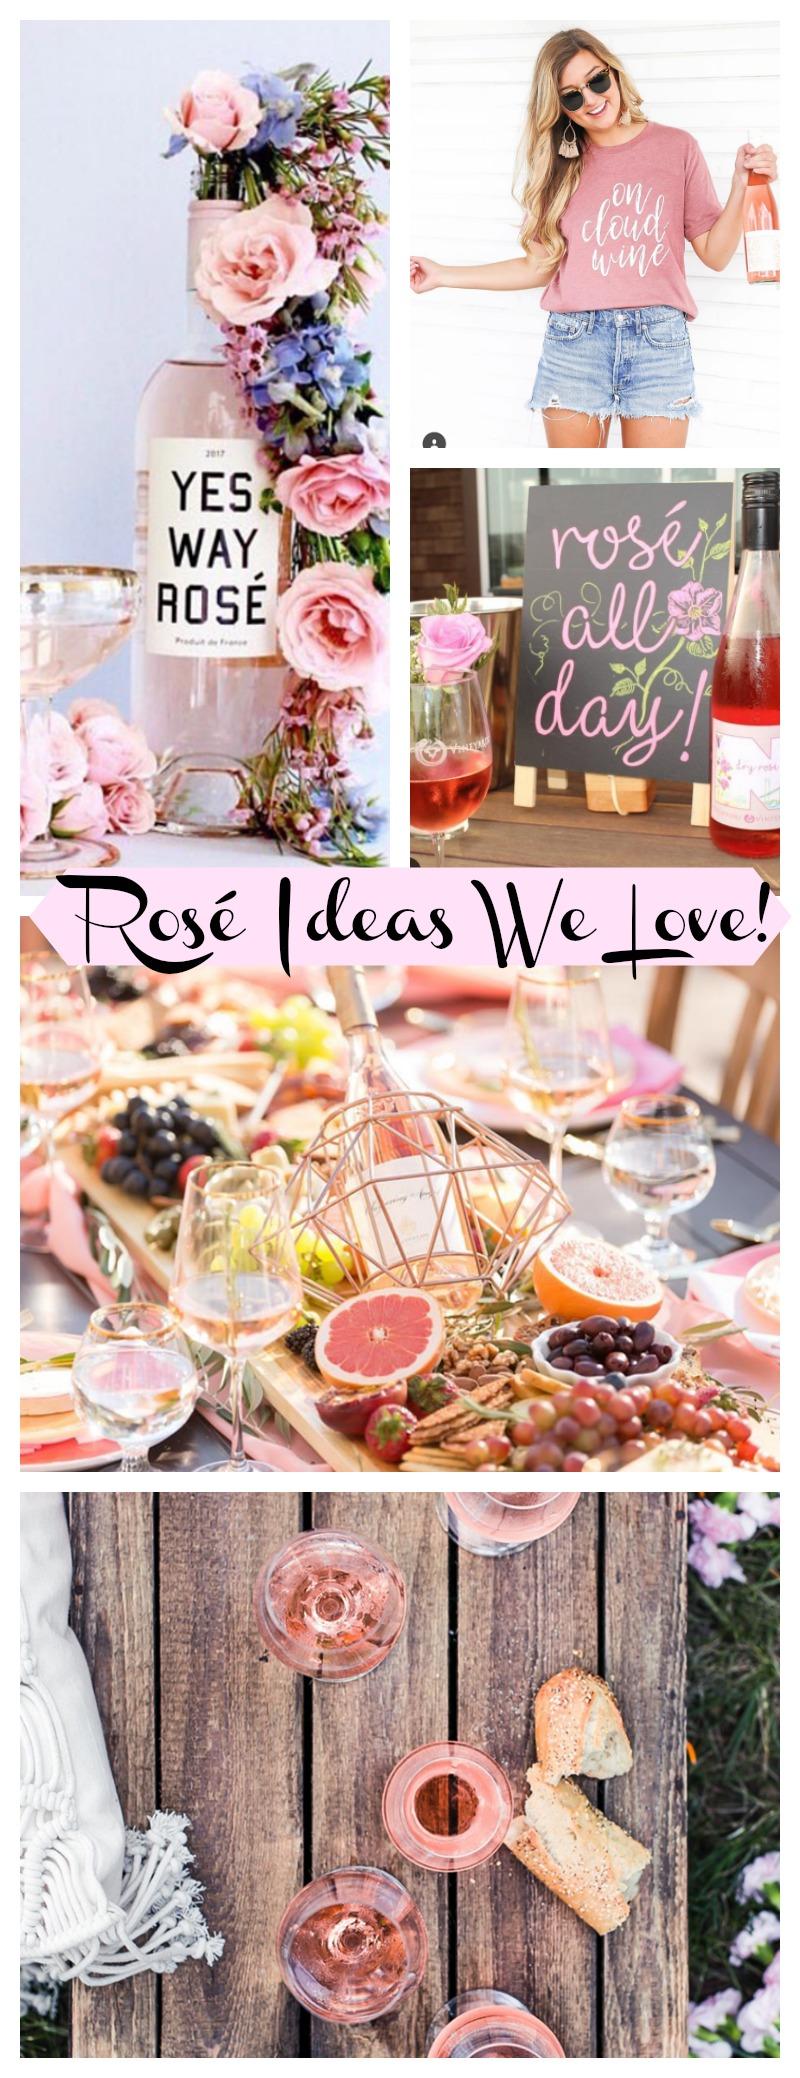 Rosé ideas we love! - B. Lovely Events